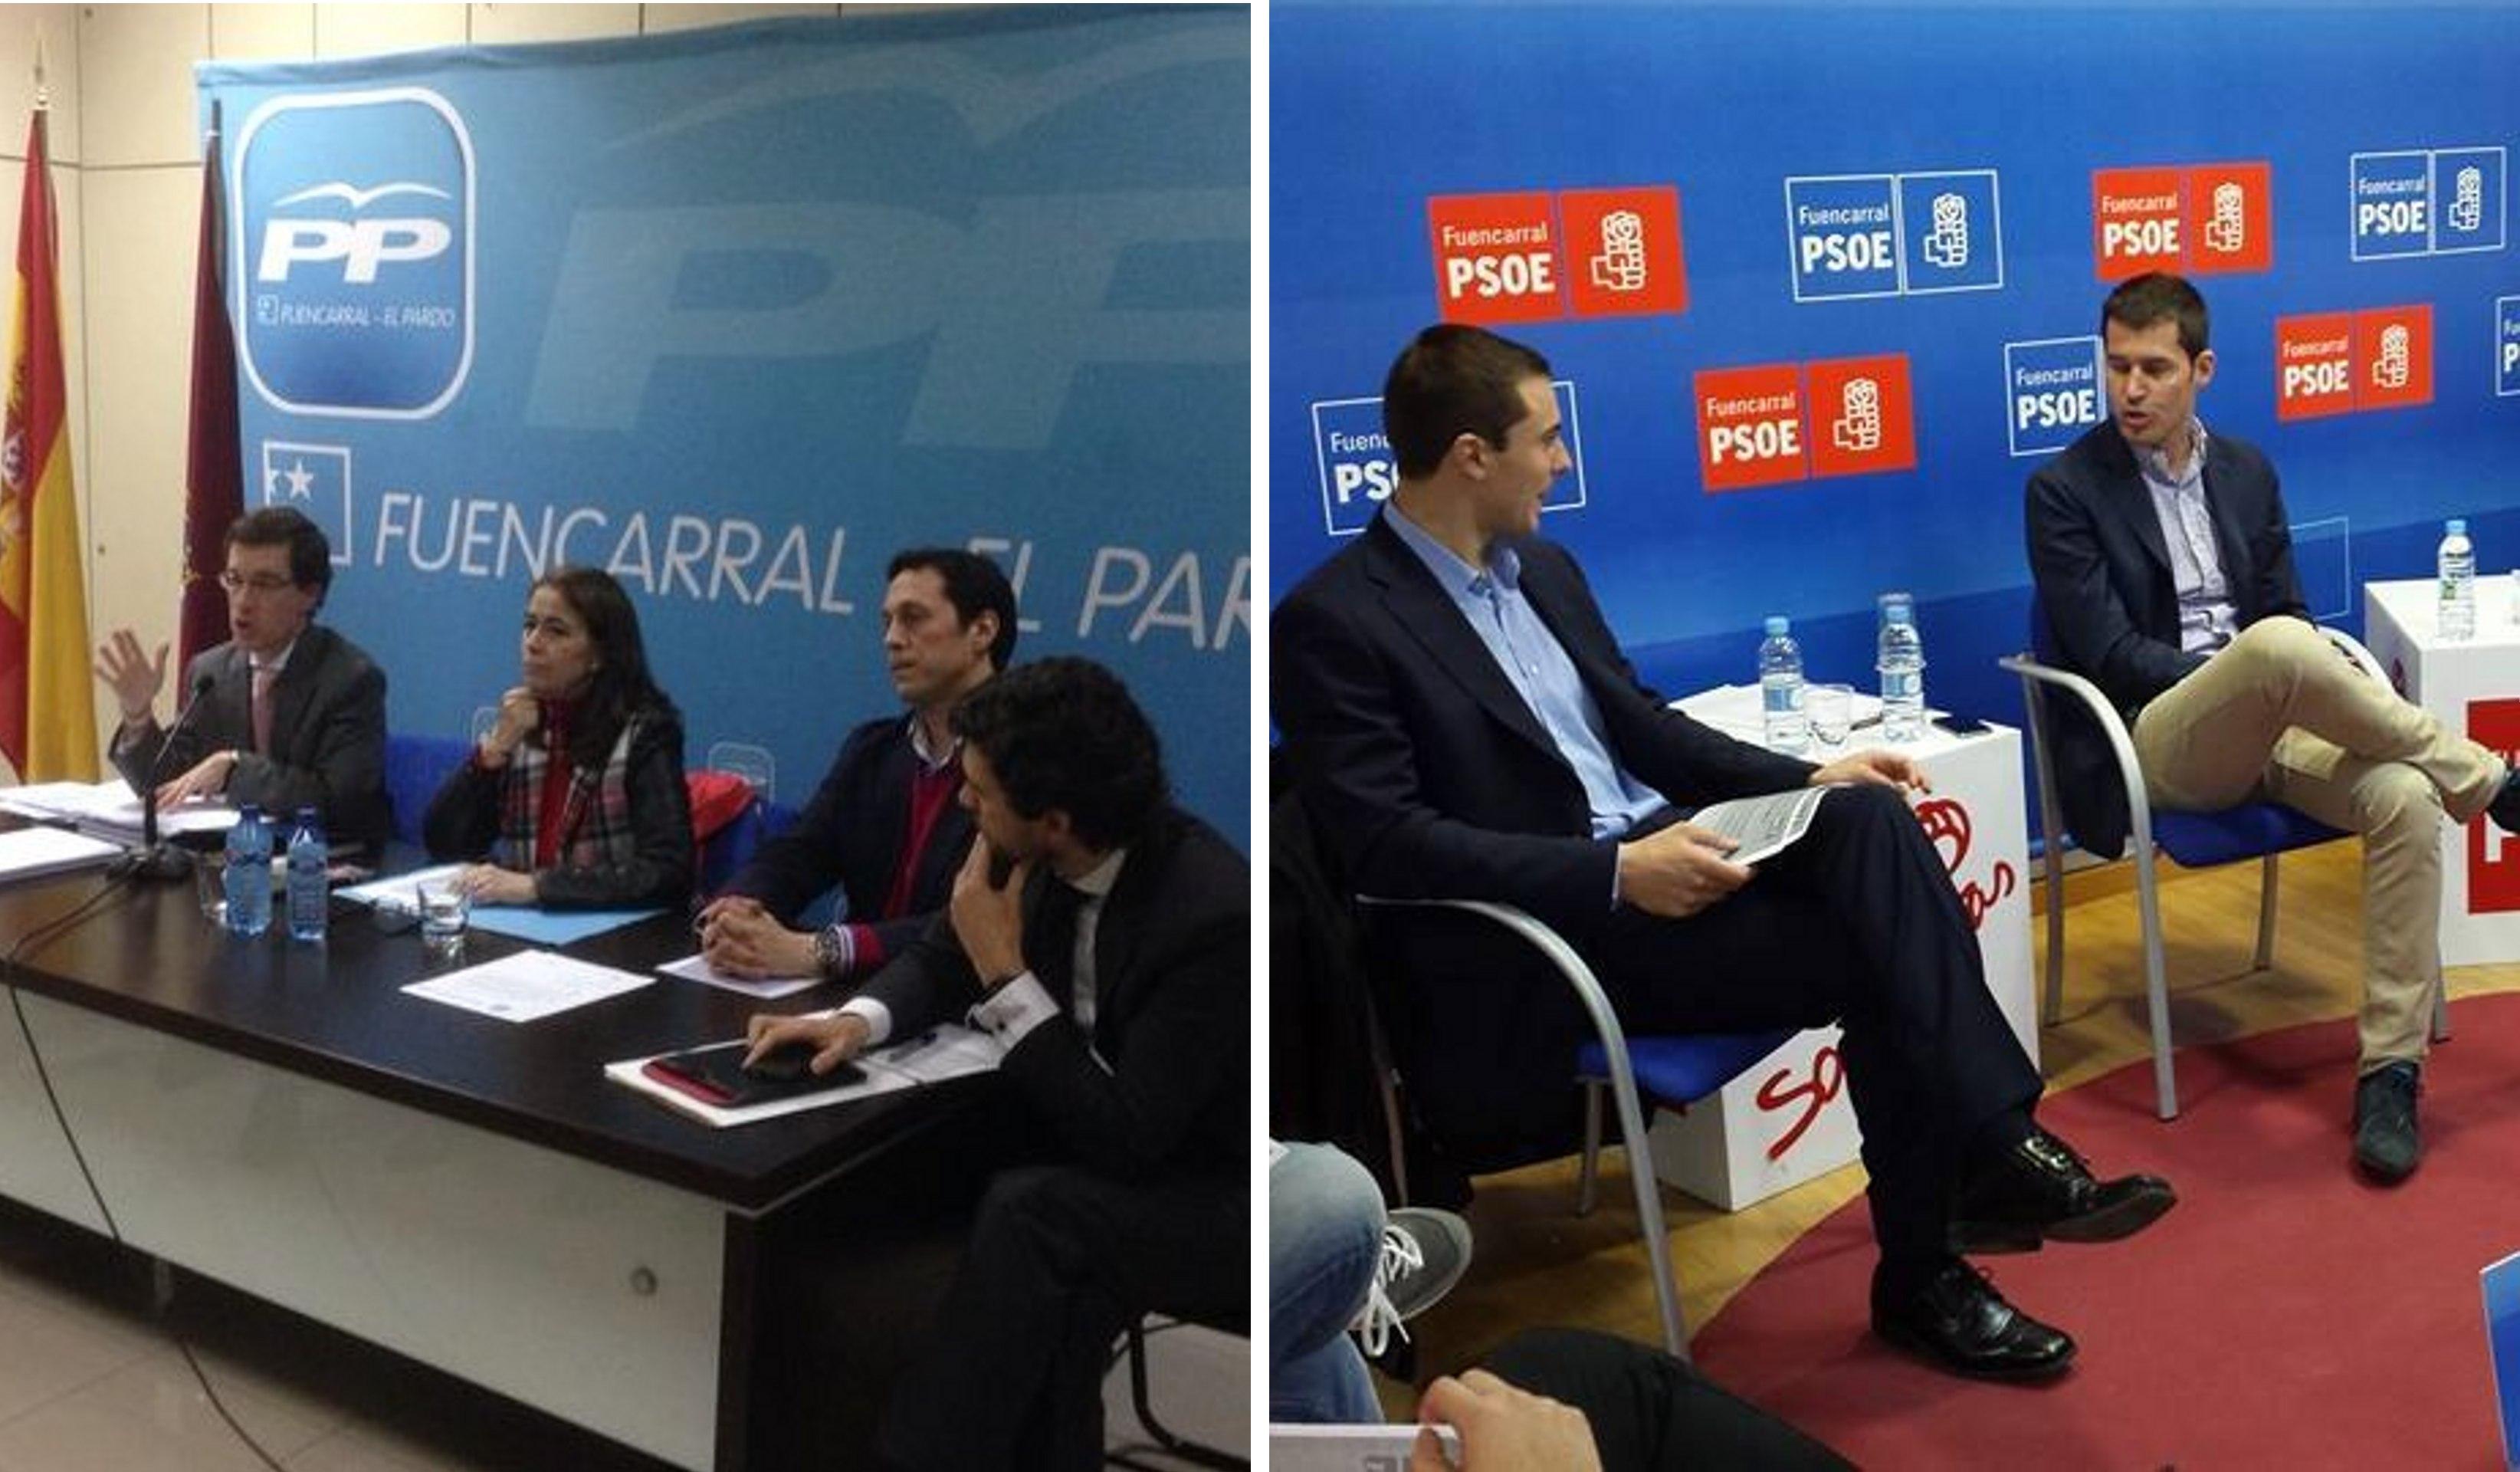 PP PSOE Fuencarral-El Pardo Europeas 2014